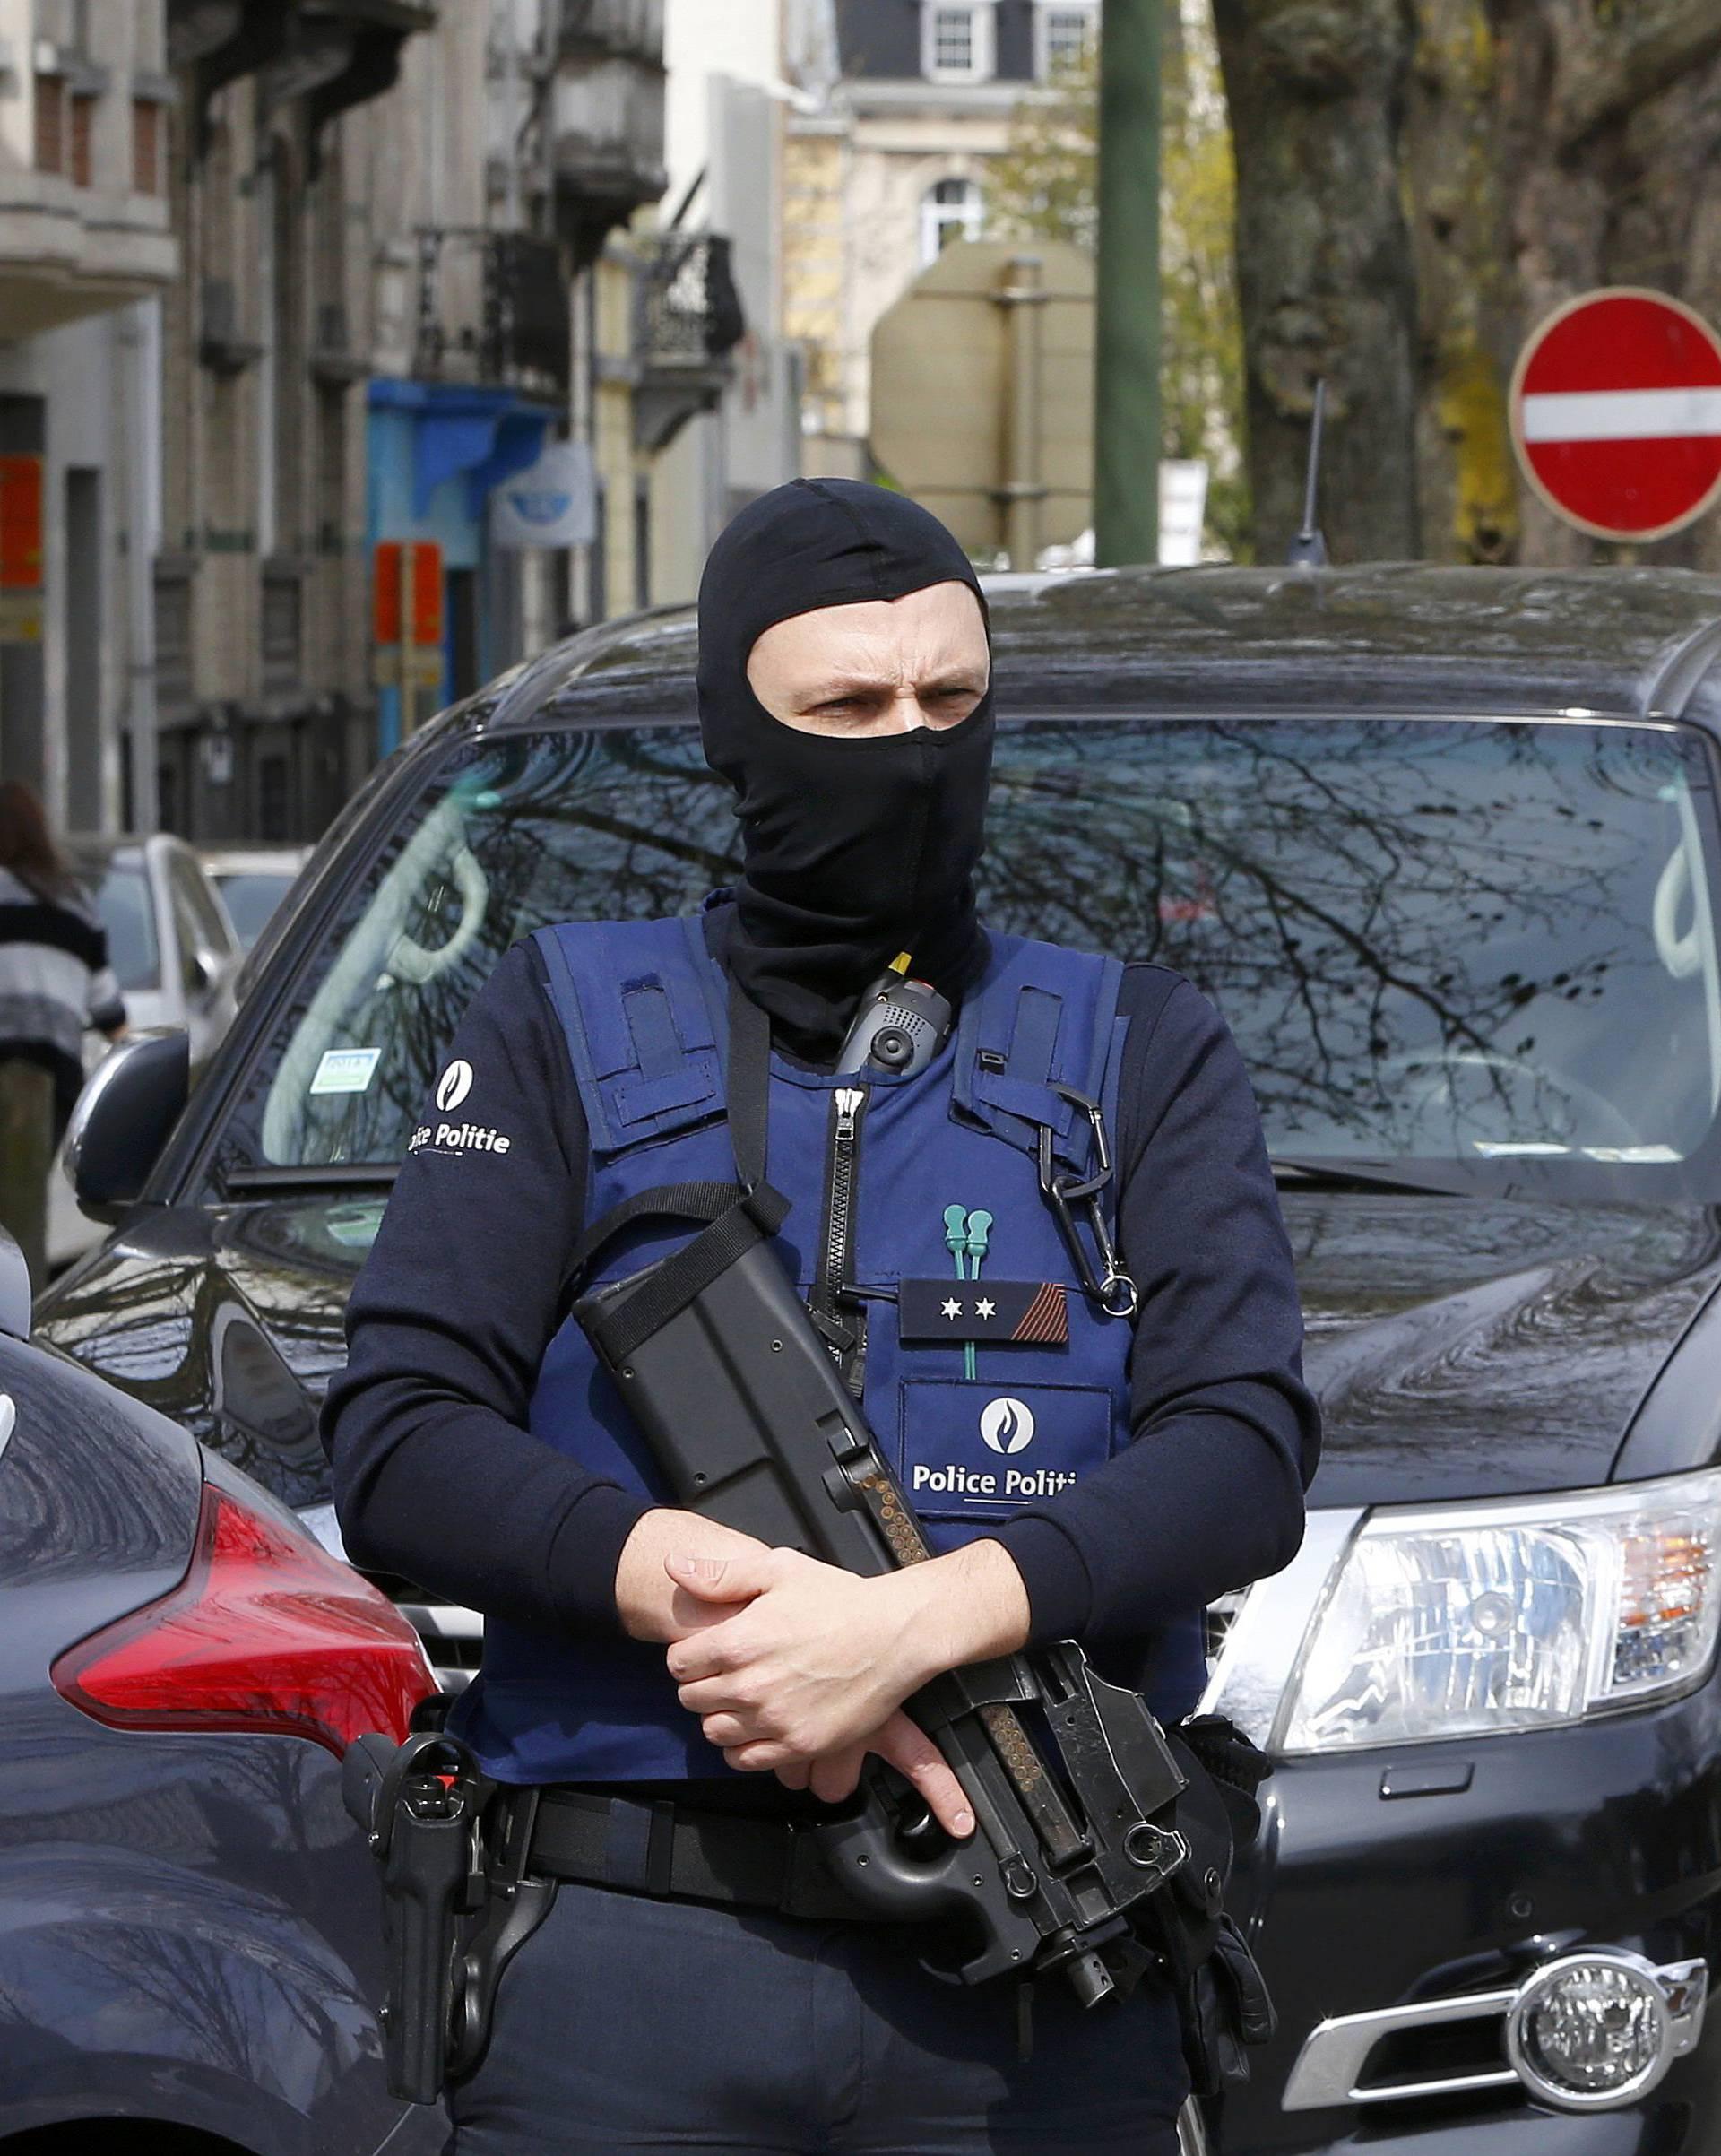 Jugoslavenski agenti osuđeni u Belgiji zbog ubojstva aktivista